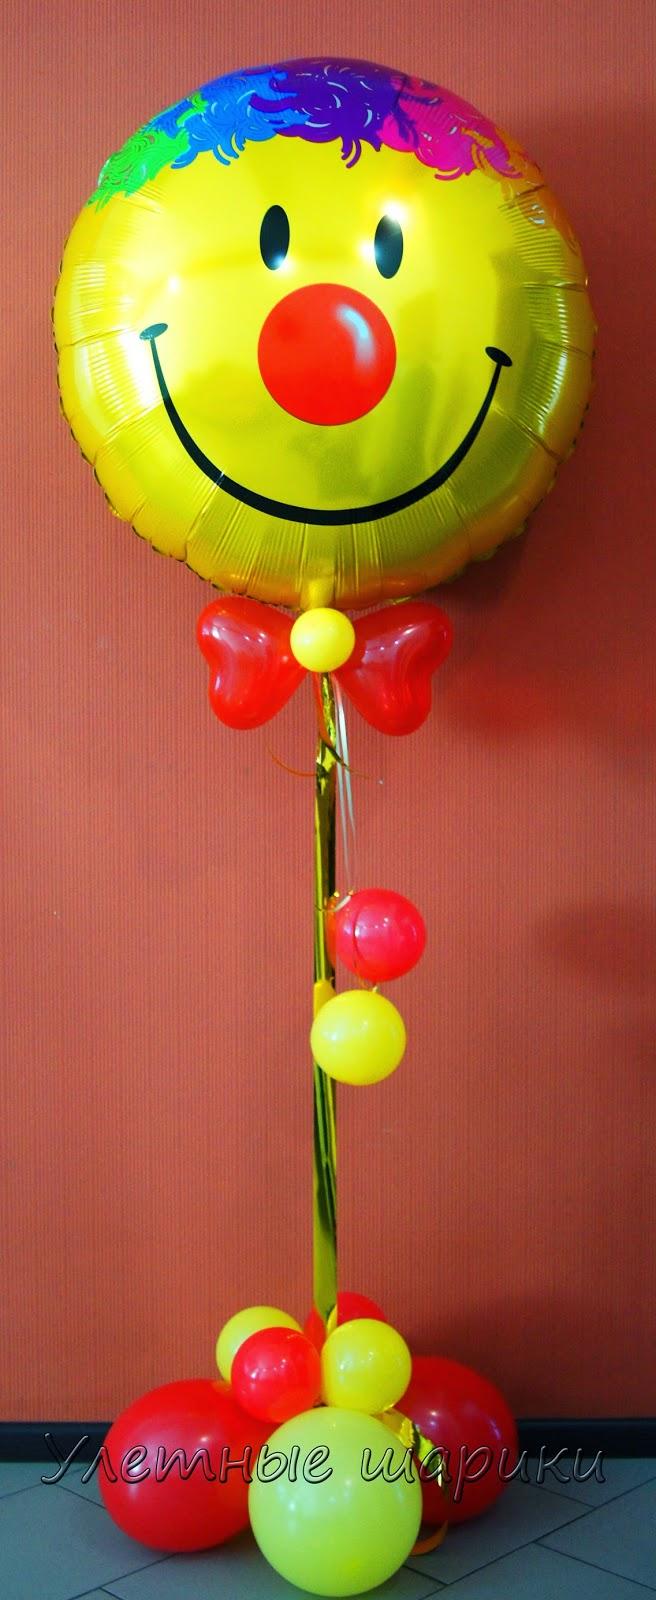 Композиция из воздушных шаров с смайликом